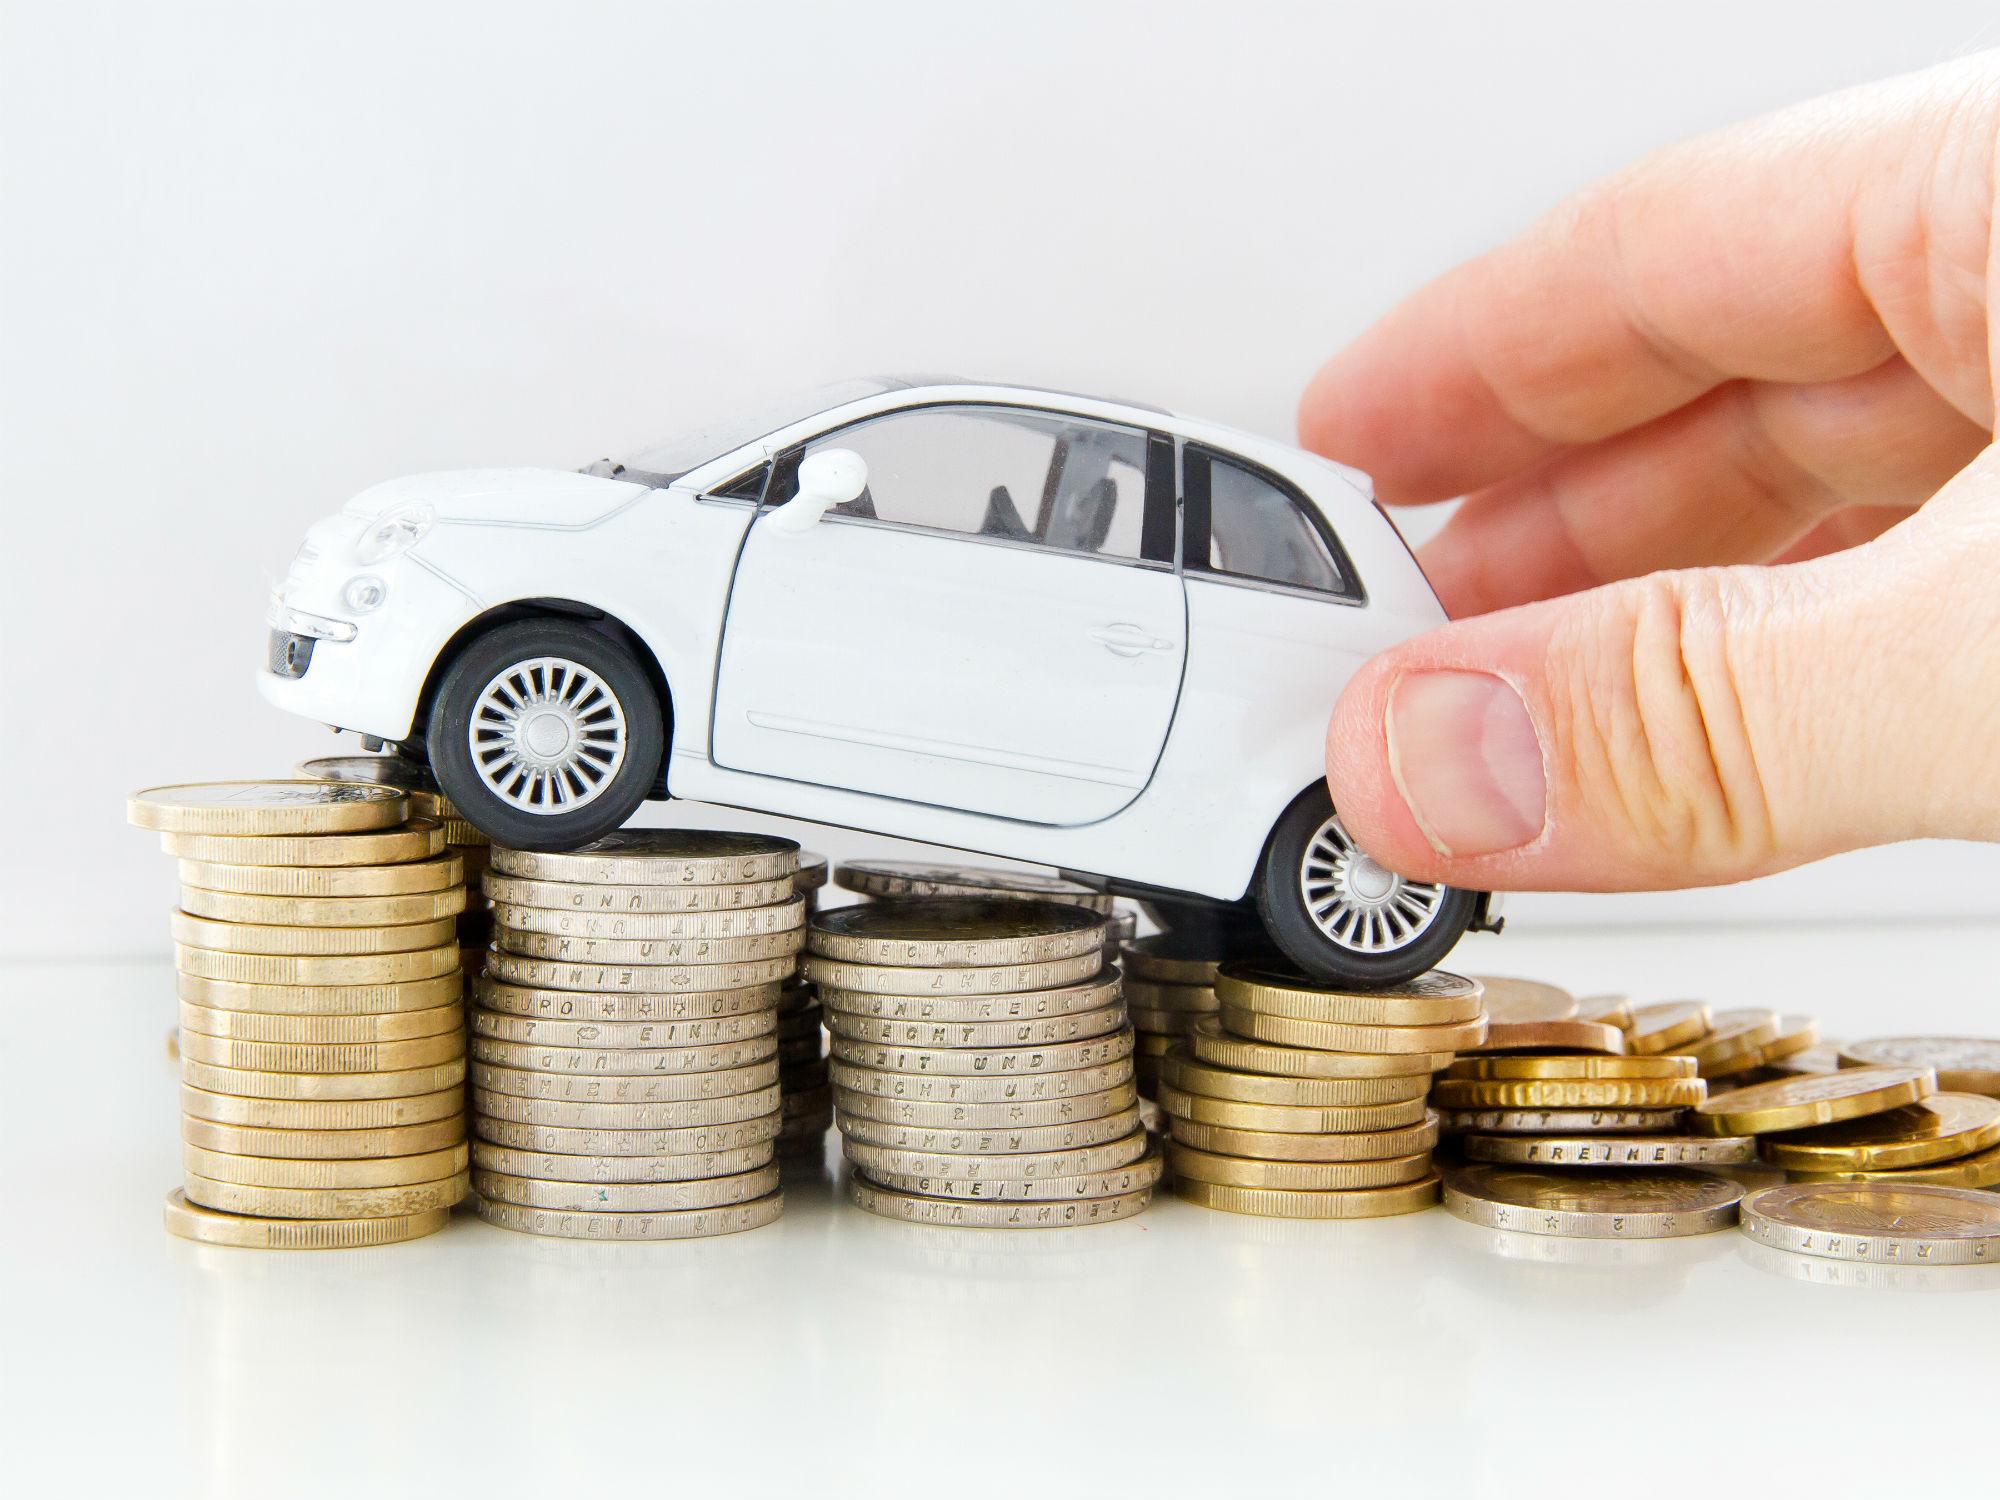 Экономия водительского бюджета: нюансы покупки бу шин на выгодных условиях